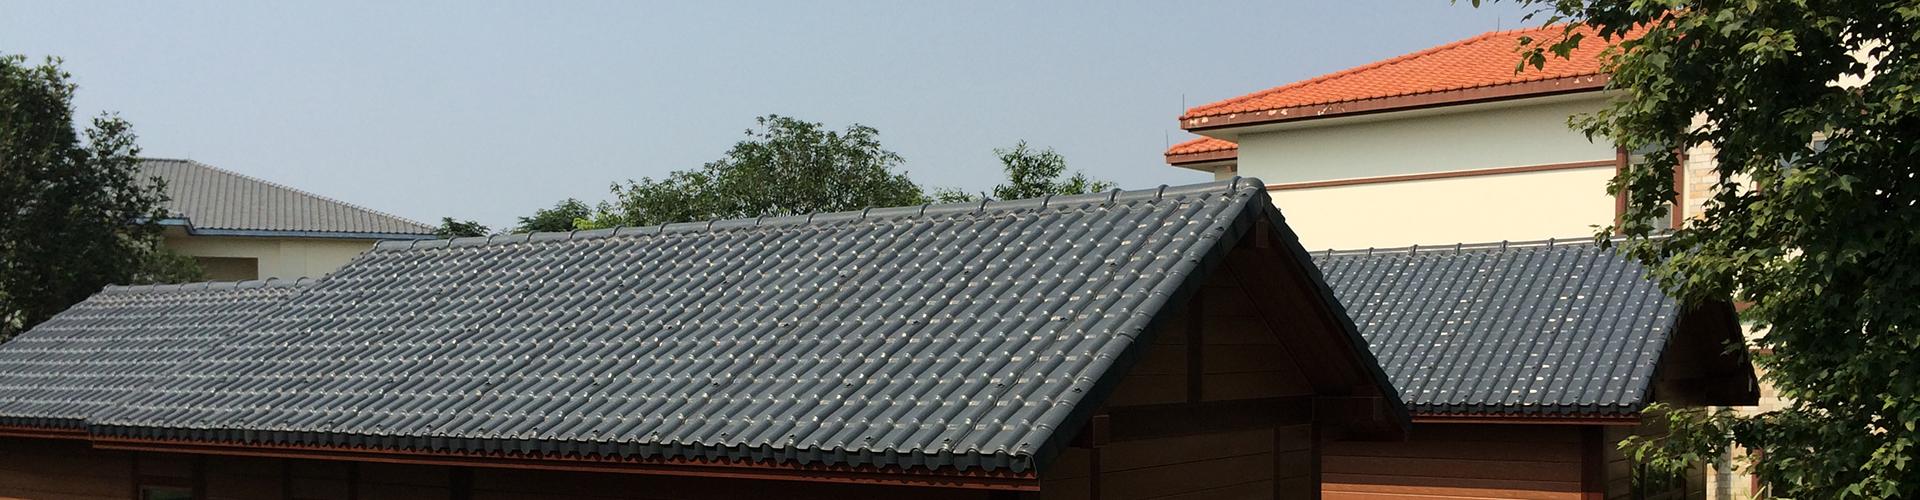 Gongli